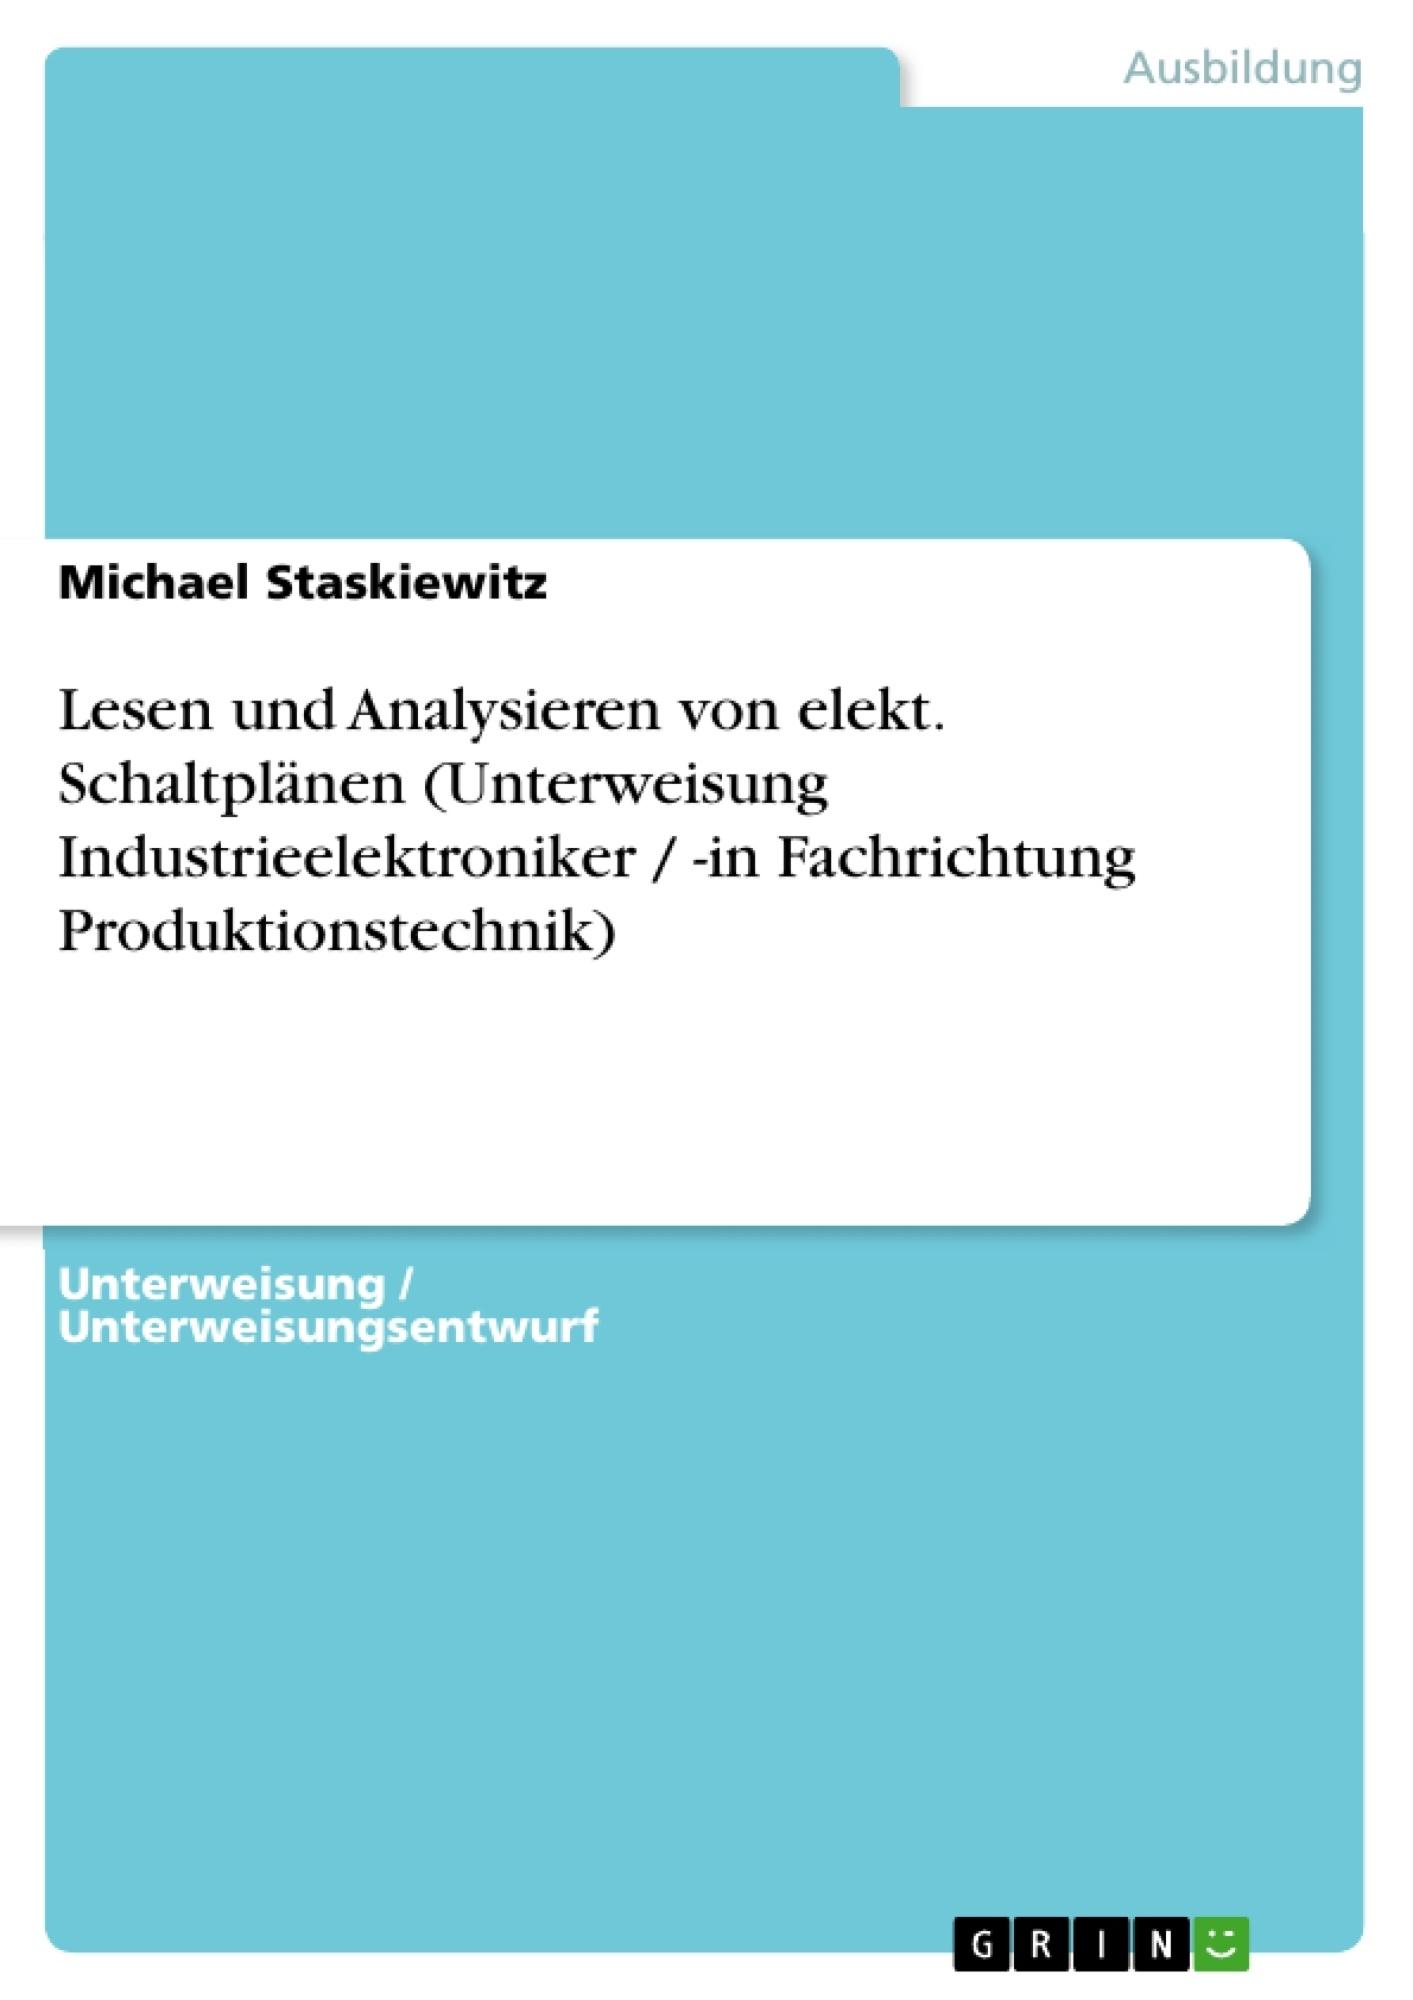 Lesen und Analysieren von elekt. Schaltplänen (Unterweisung ...